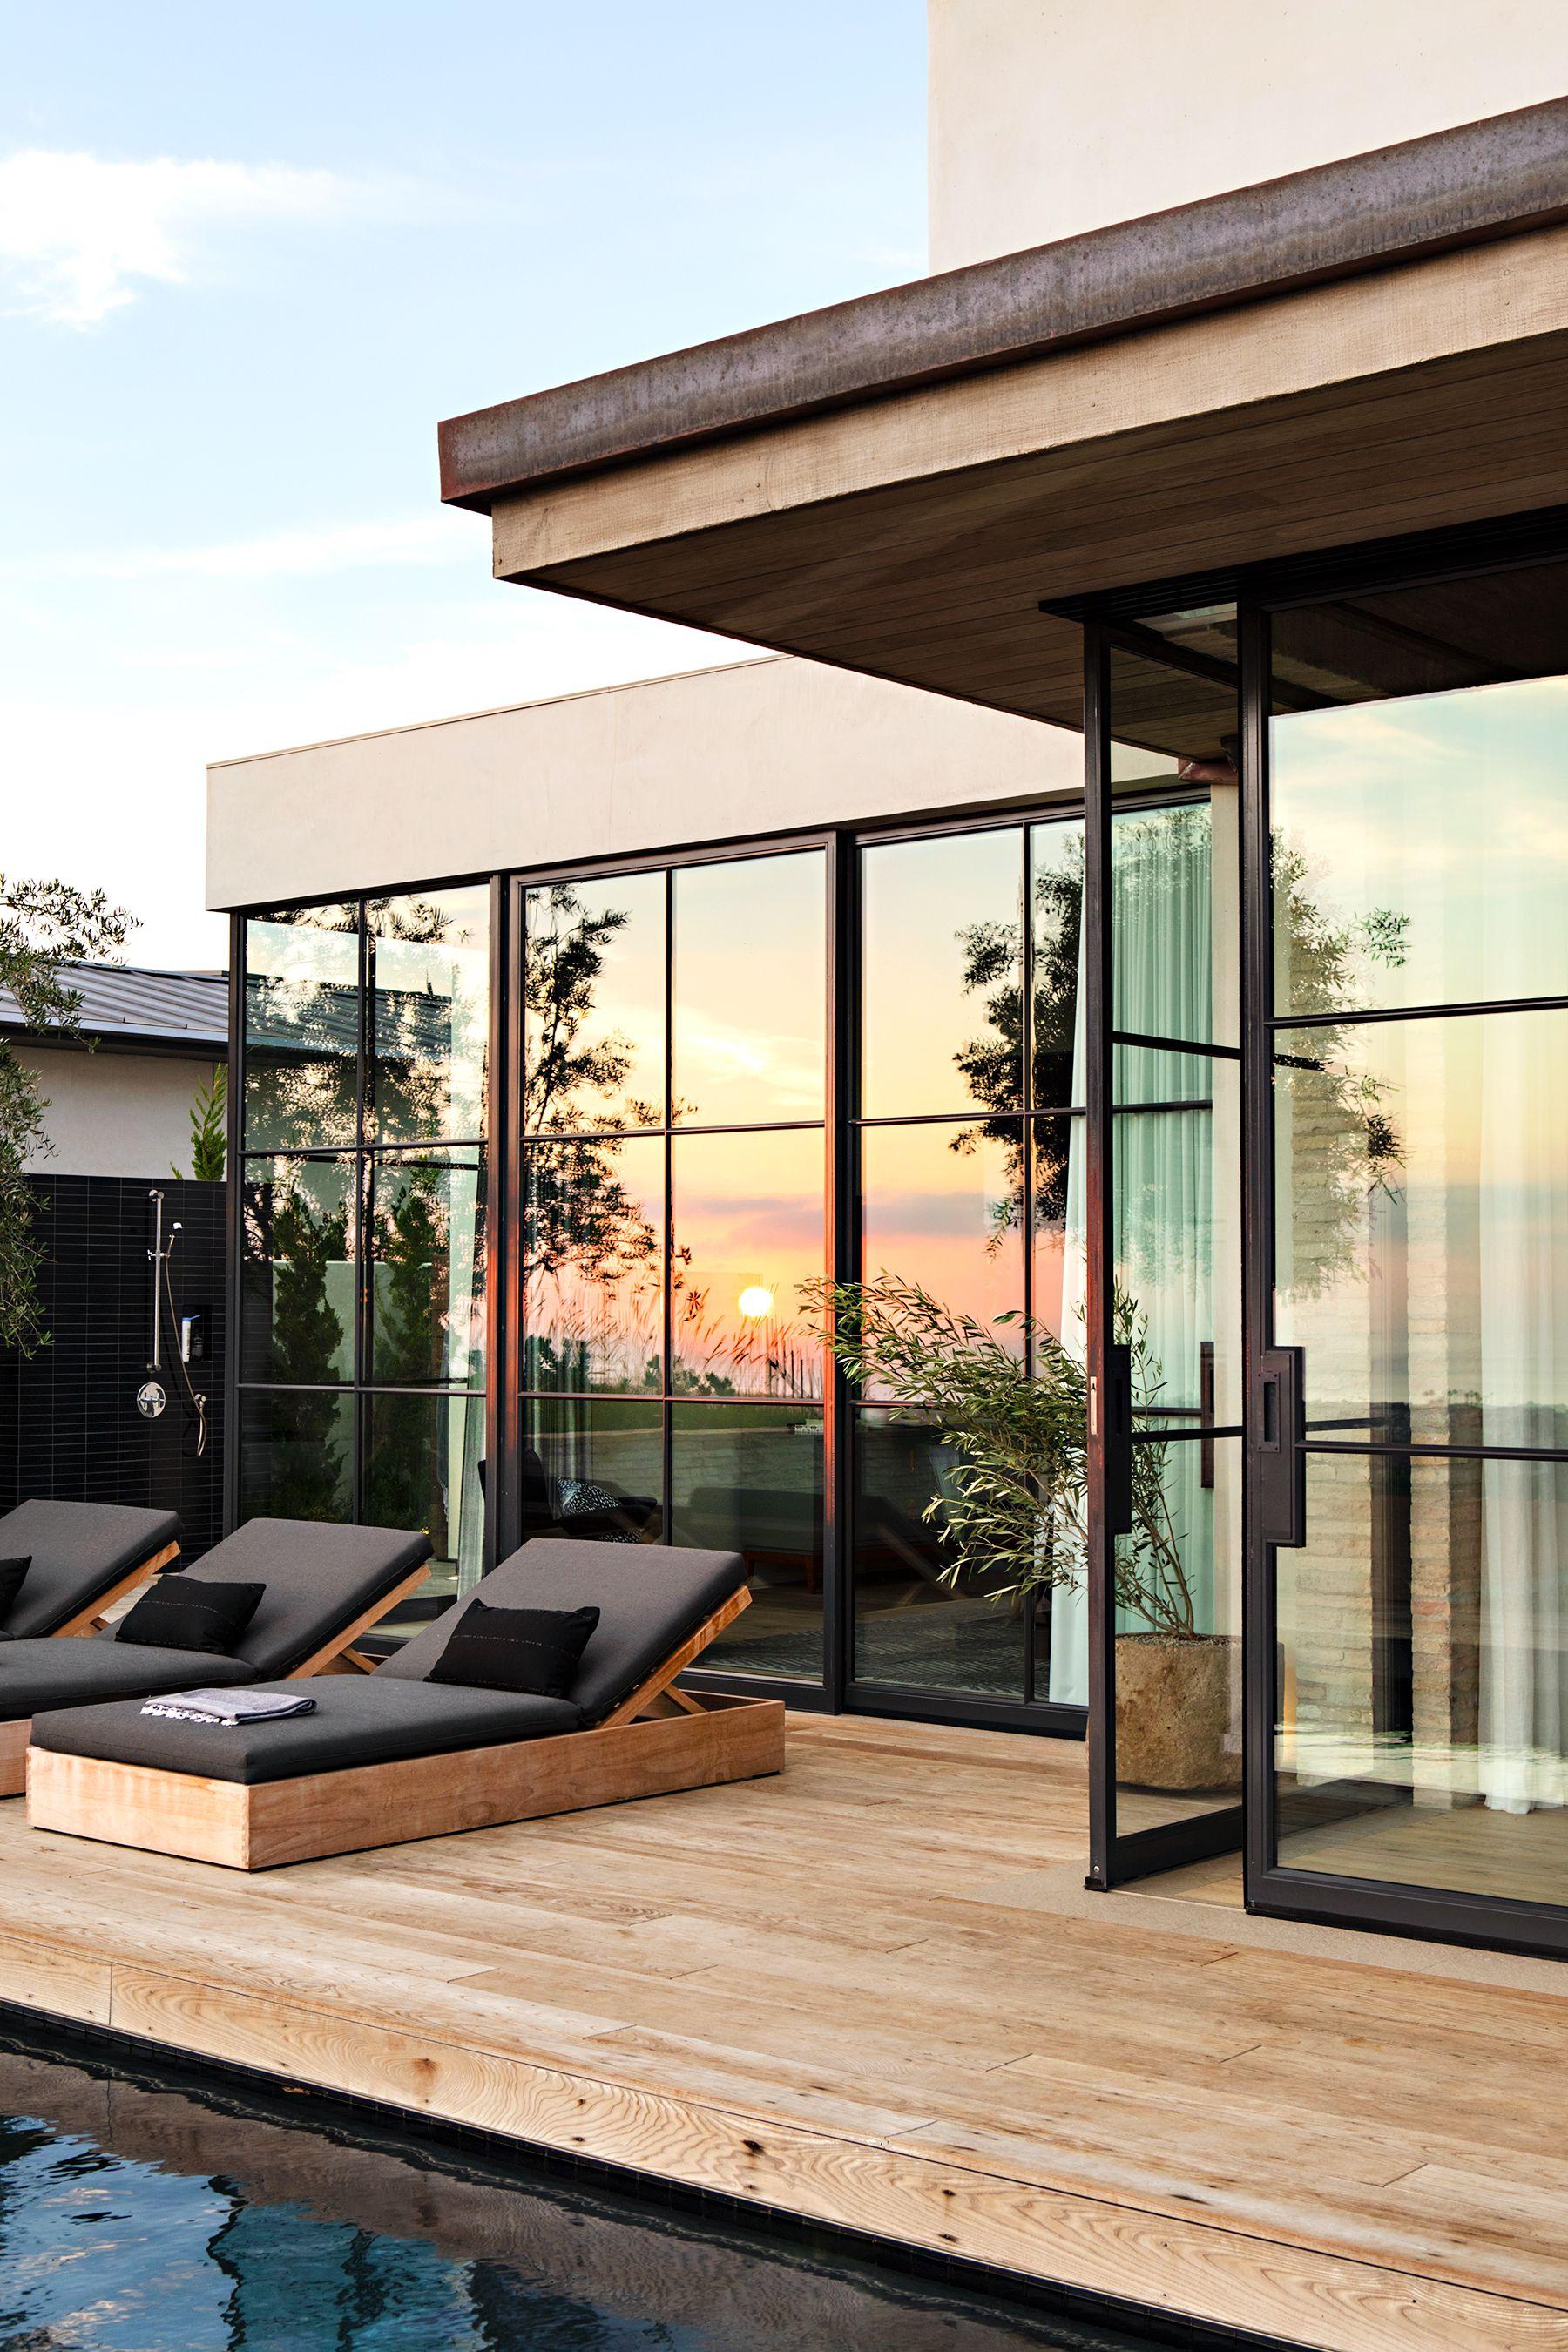 Creative outdoor deck ideas for a beautiful garden